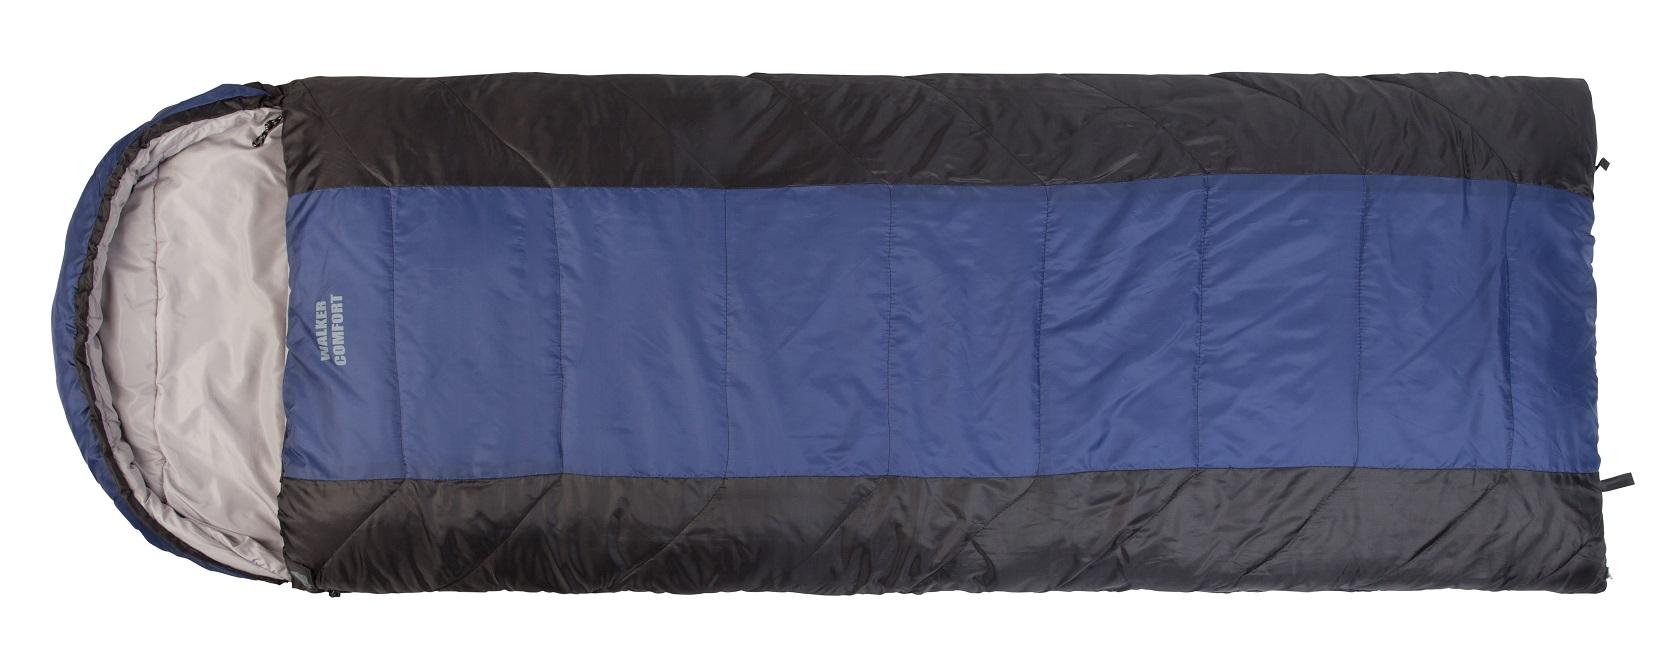 Спальный мешок Trek Planet Walker Comfort 70384, Спальники - арт. 208800165